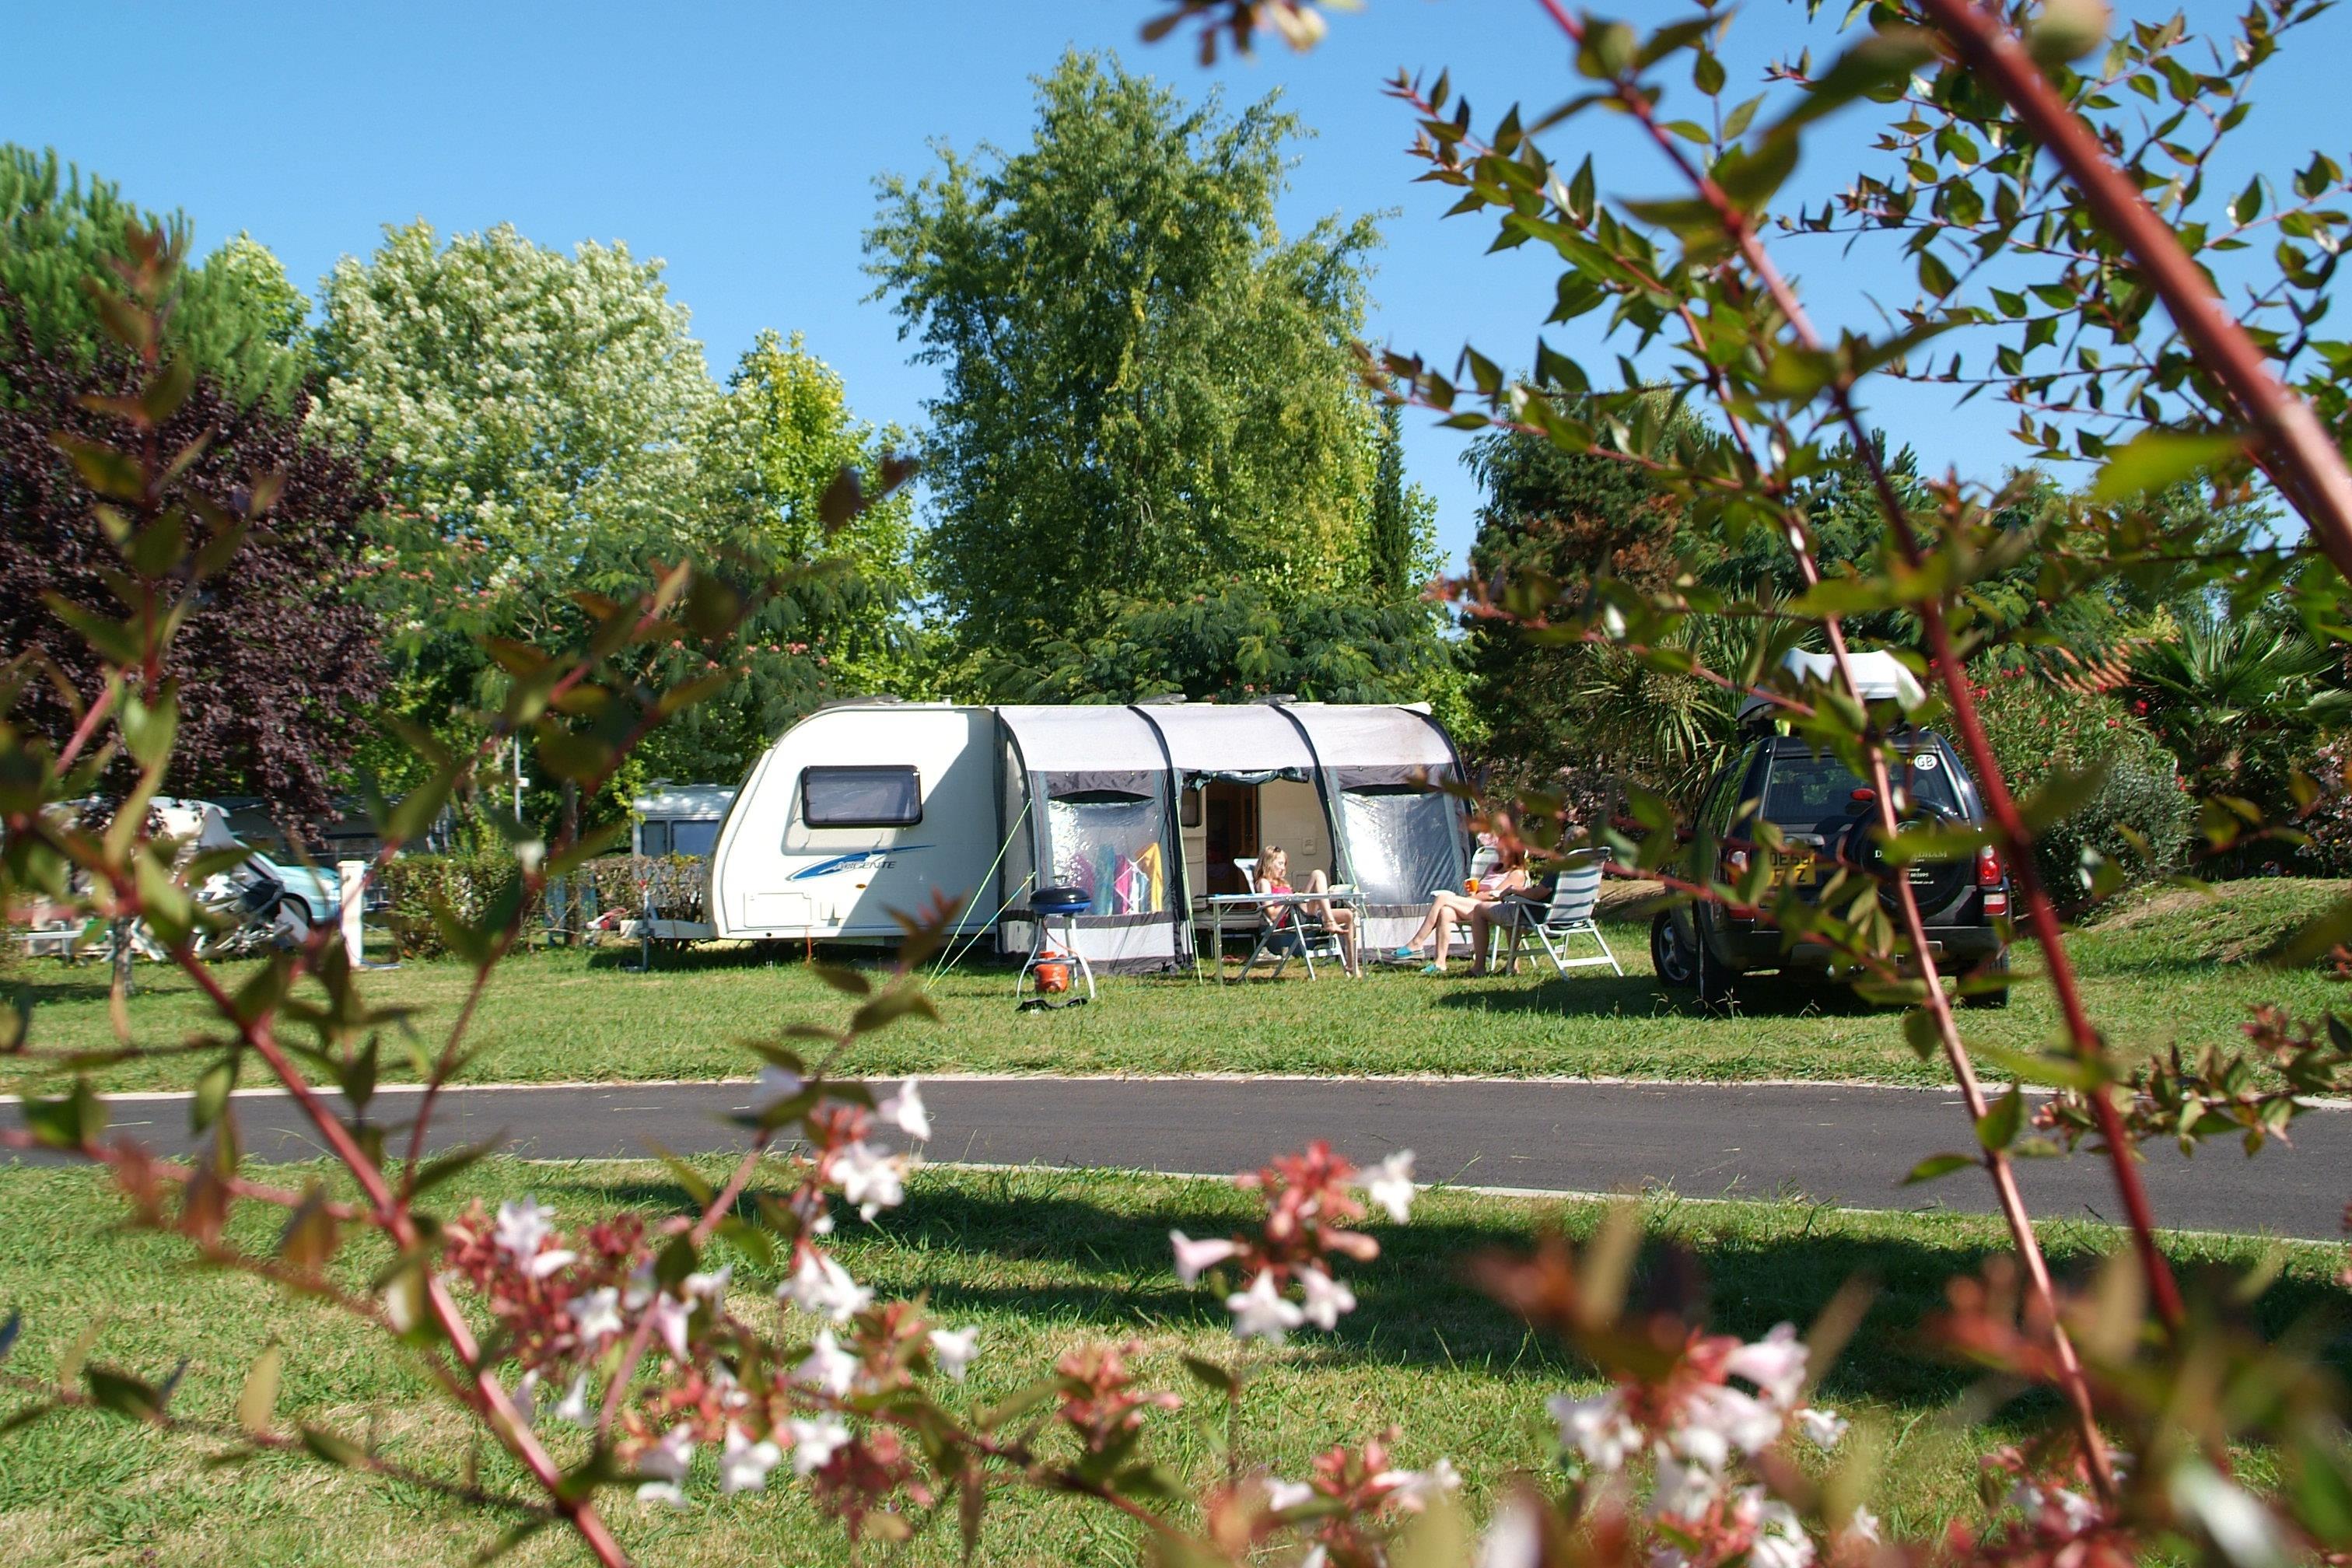 Emplacement - Emplacement Xxl - Camping Sites et Paysages Lou P'tit Poun